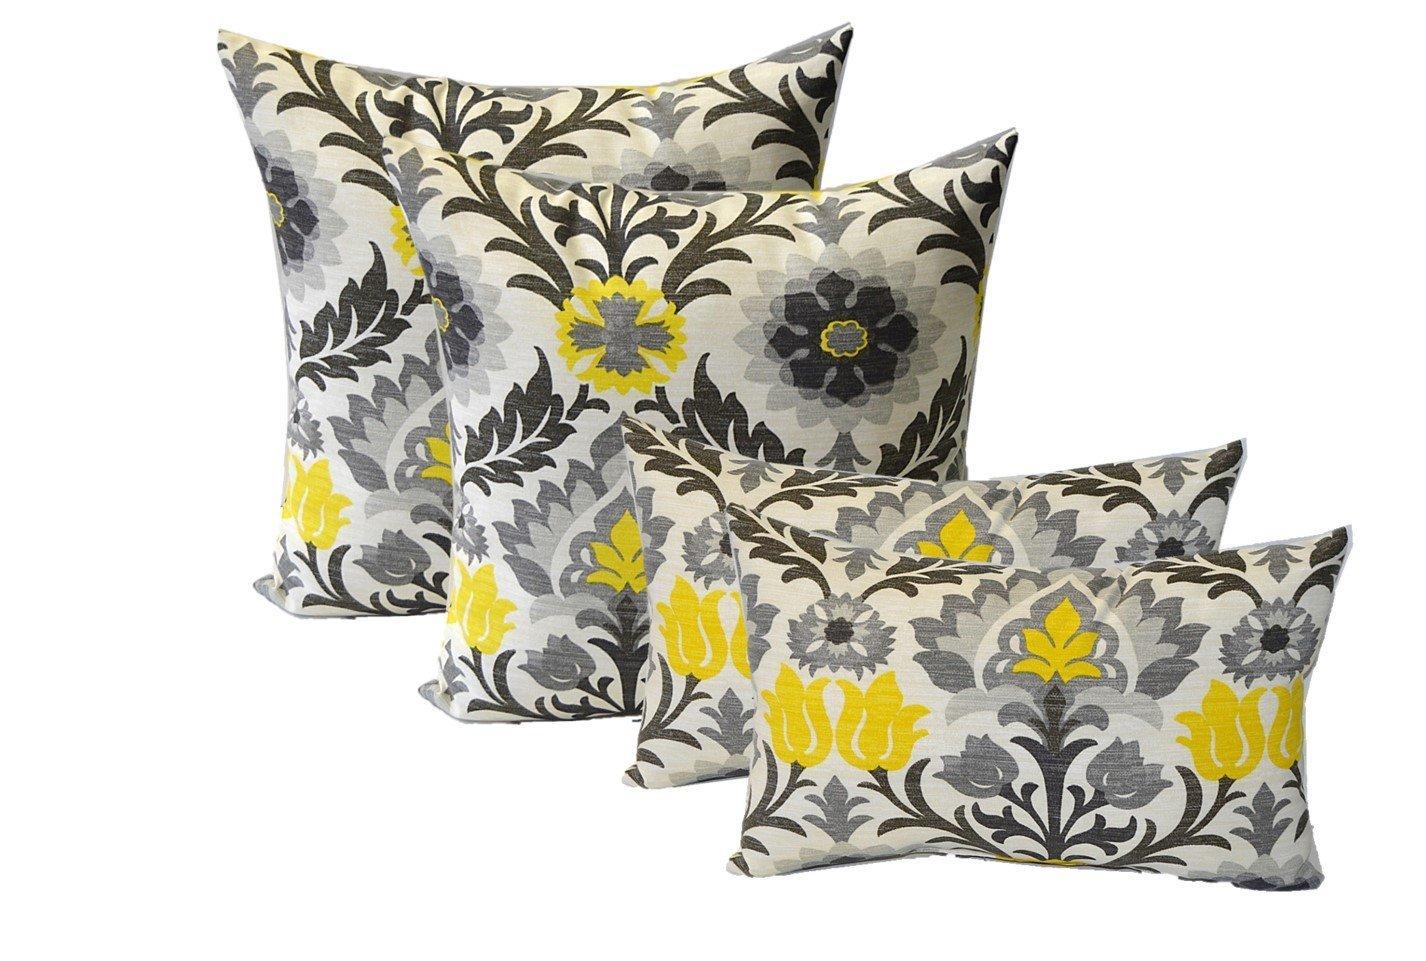 Set of 4 Indoor / Outdoor Pillows - 17'' Square Throw Pillows & 11'' x 19'' Rectangle / Lumbar Decorative Throw Pillows - Yellow, Gray, Black Ornate Floral